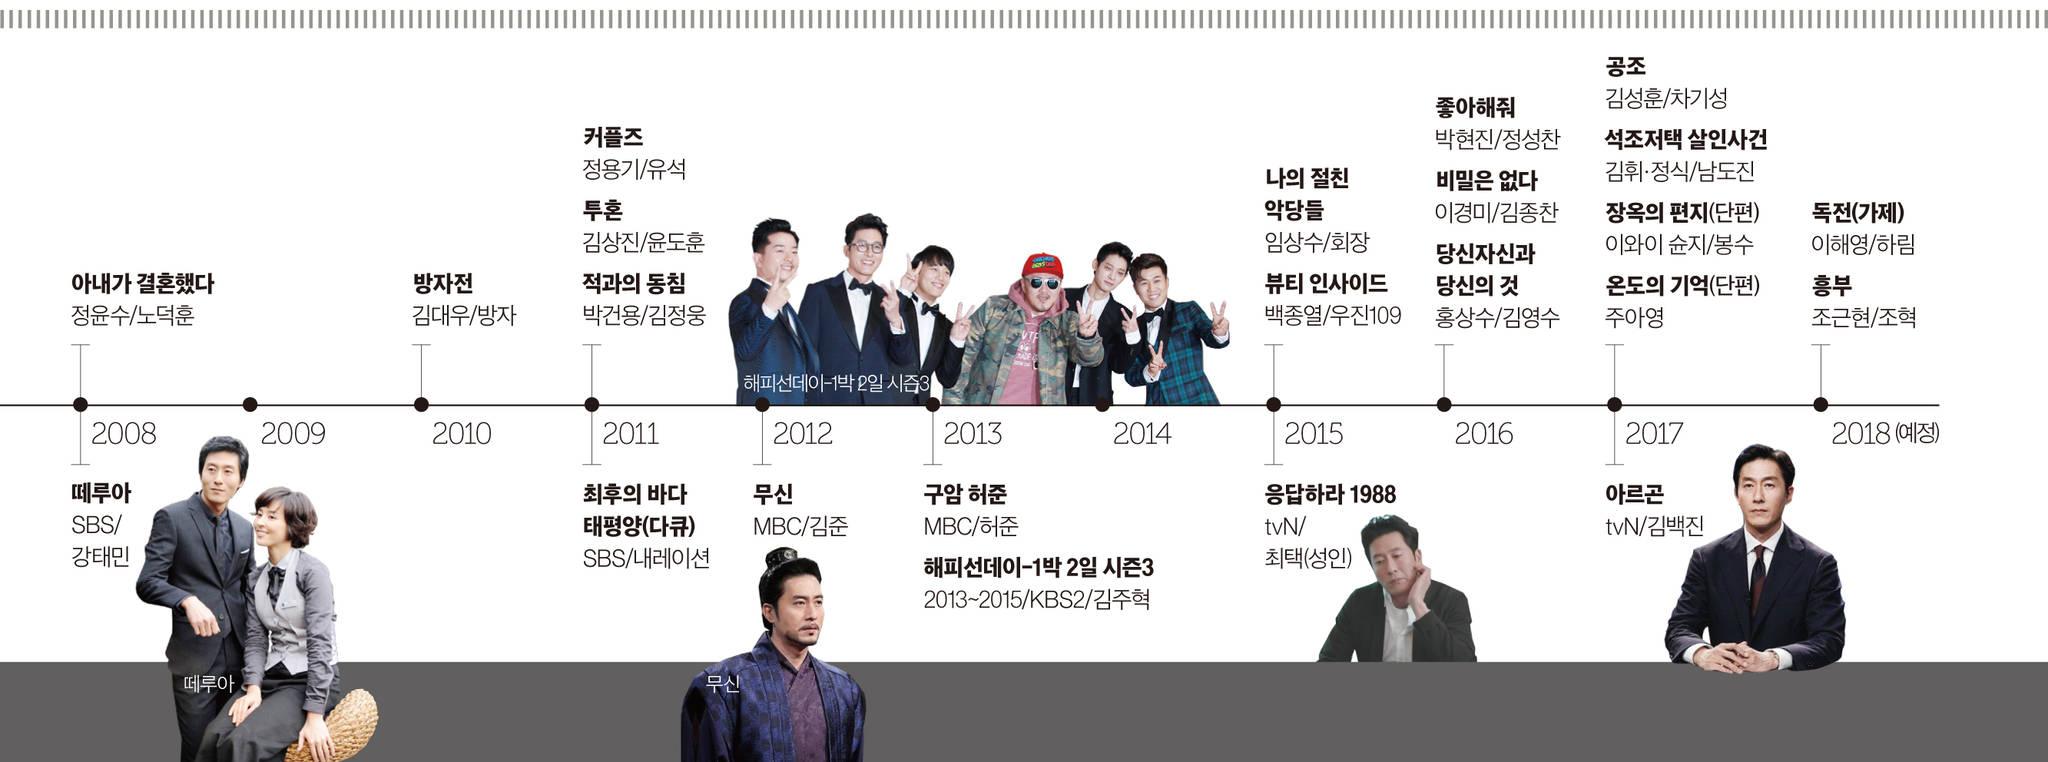 김주혁 필모그래피 (하)